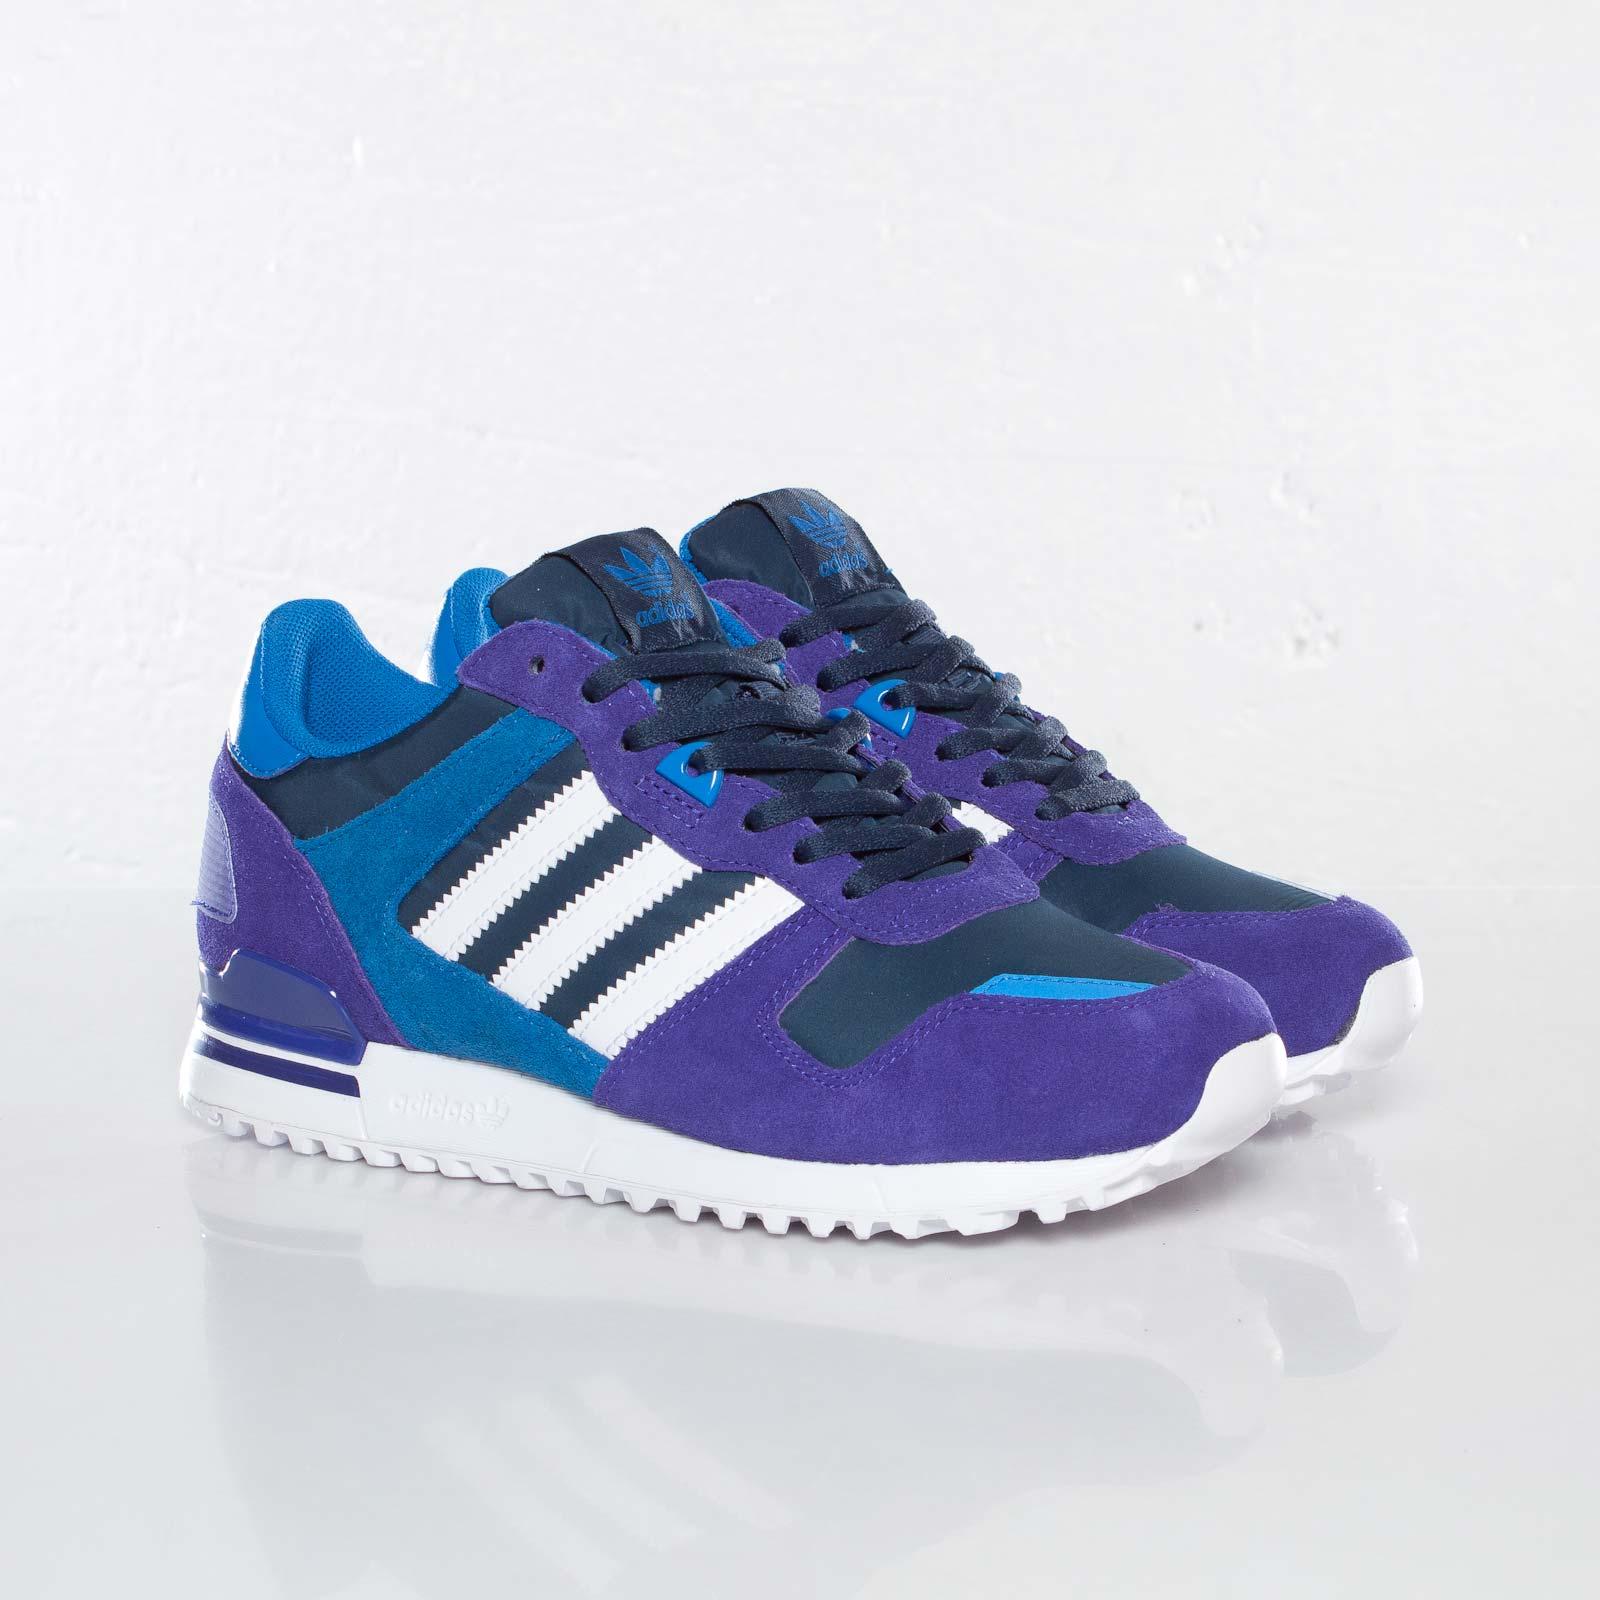 promo code 5079a e29c4 adidas ZX 700 W - G95705 - Sneakersnstuff   sneakers   streetwear ...